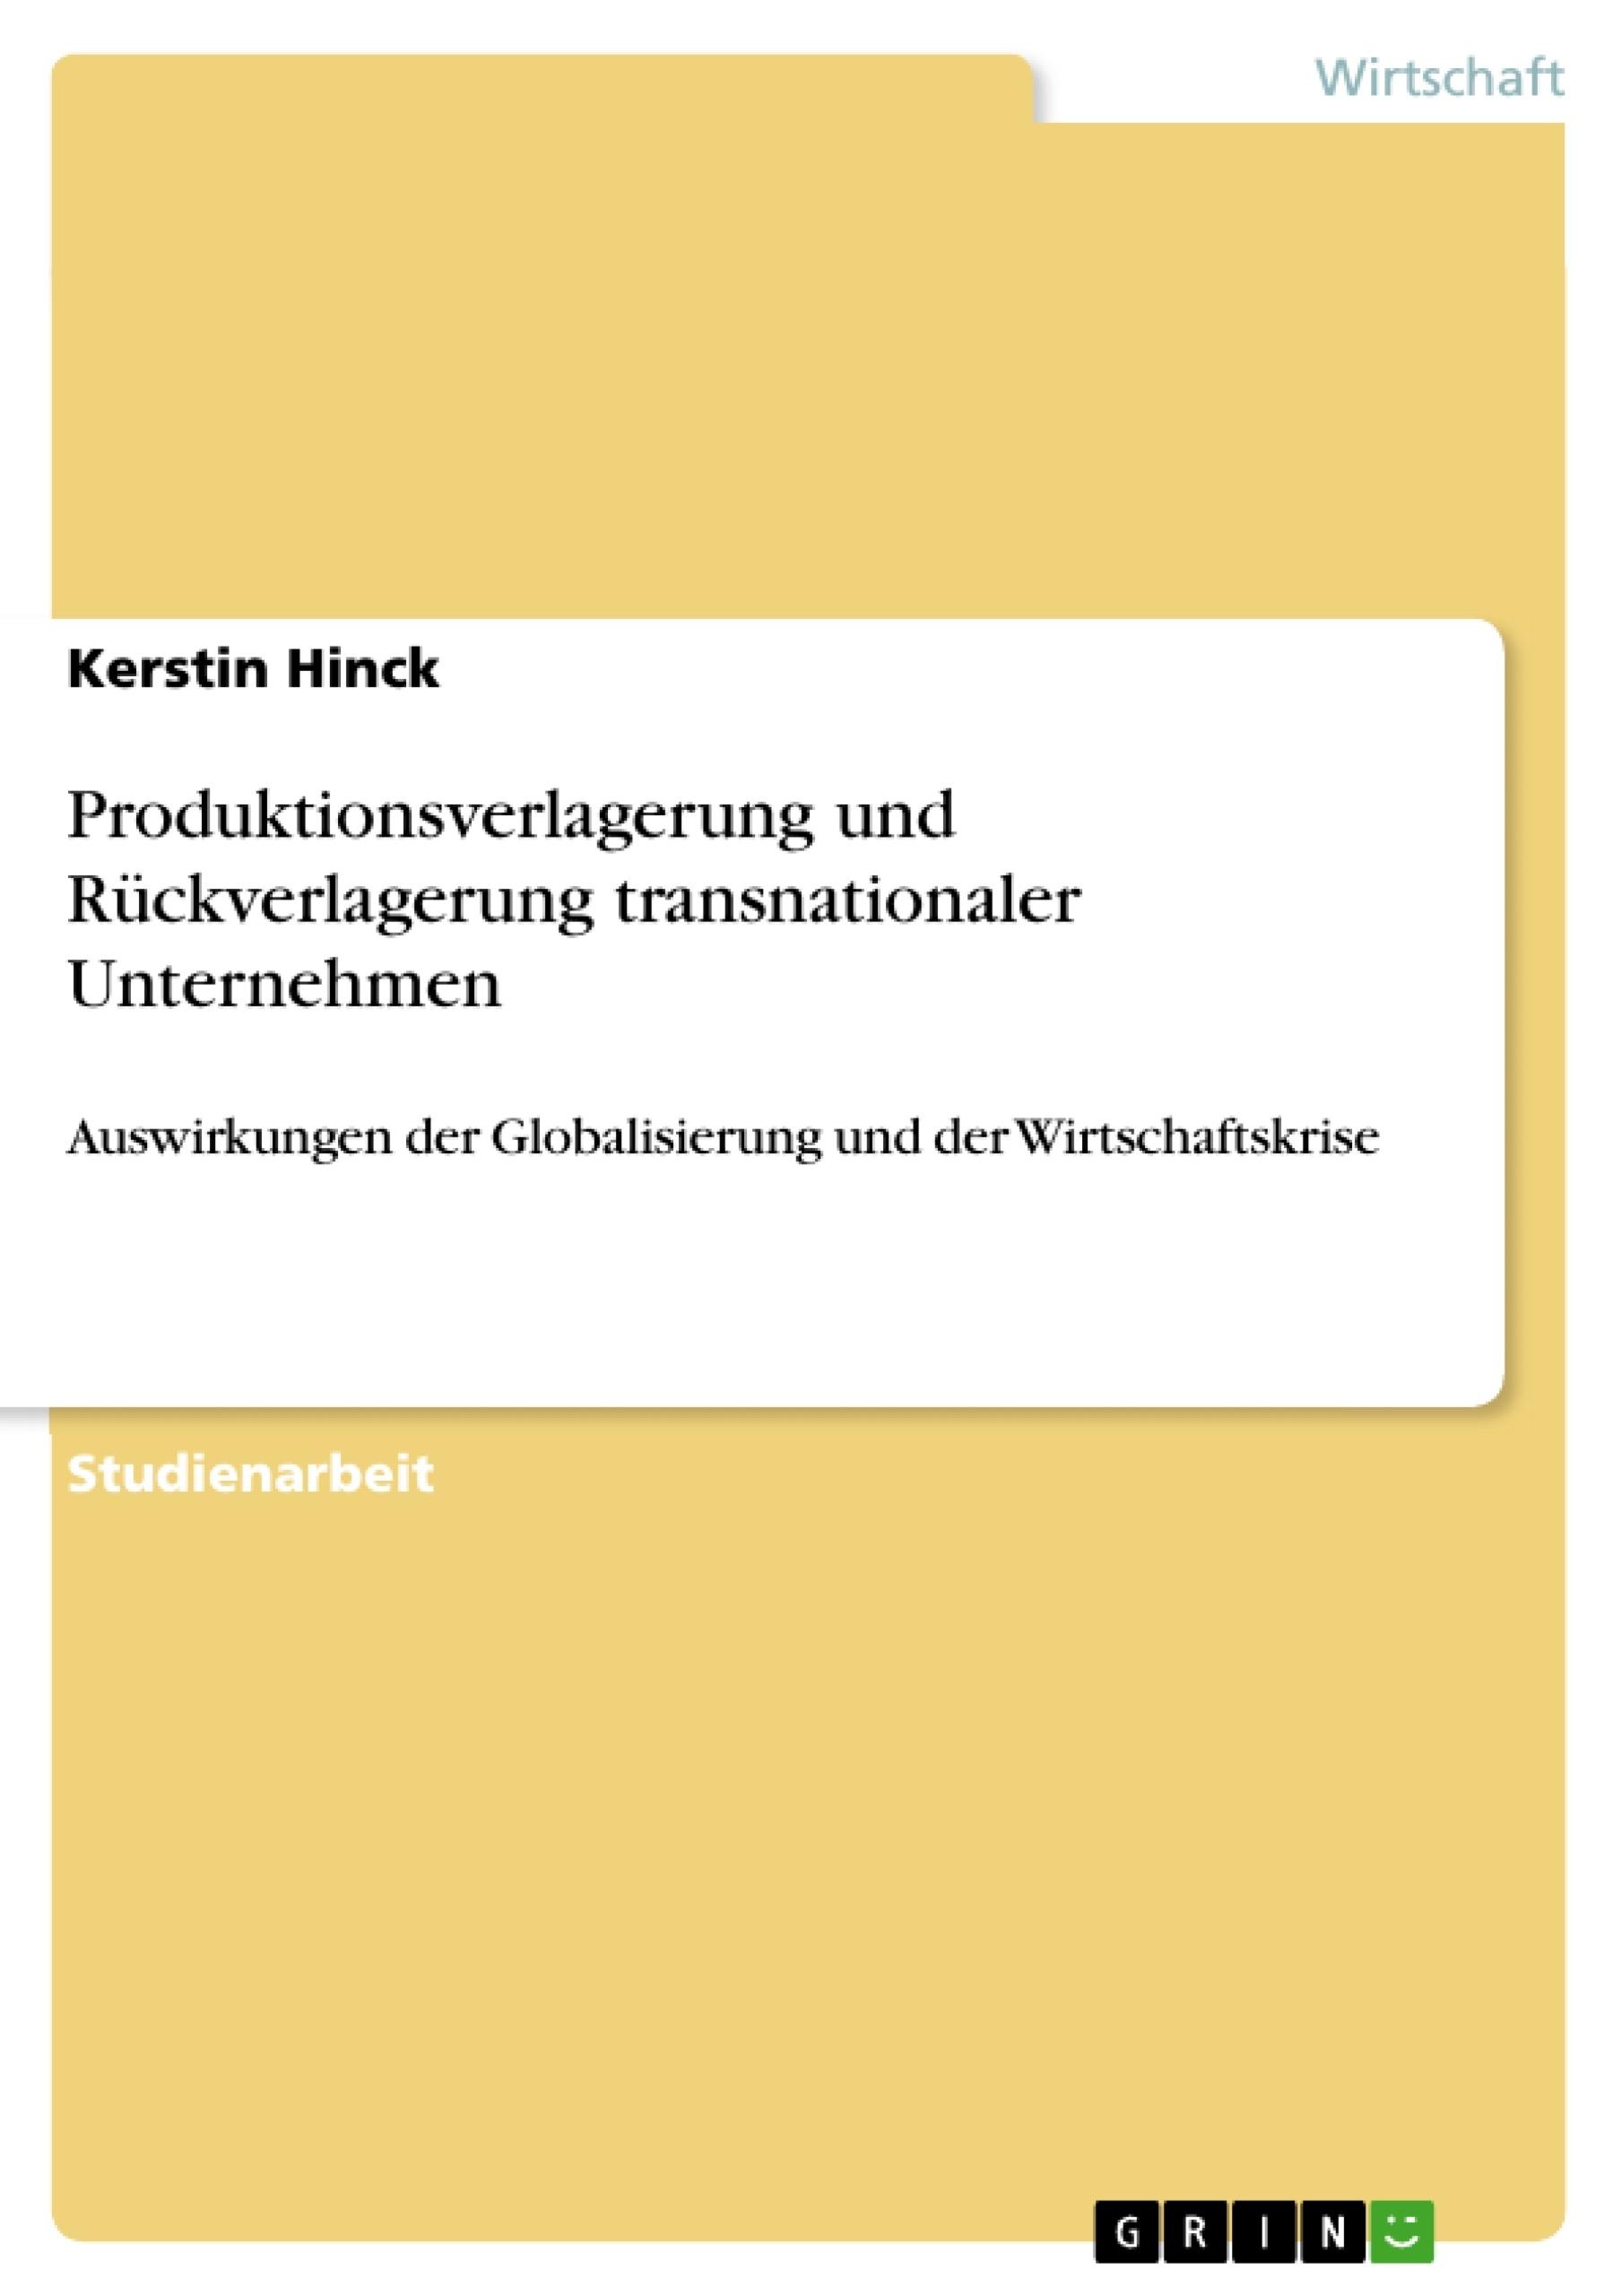 Titel: Produktionsverlagerung und Rückverlagerung transnationaler Unternehmen